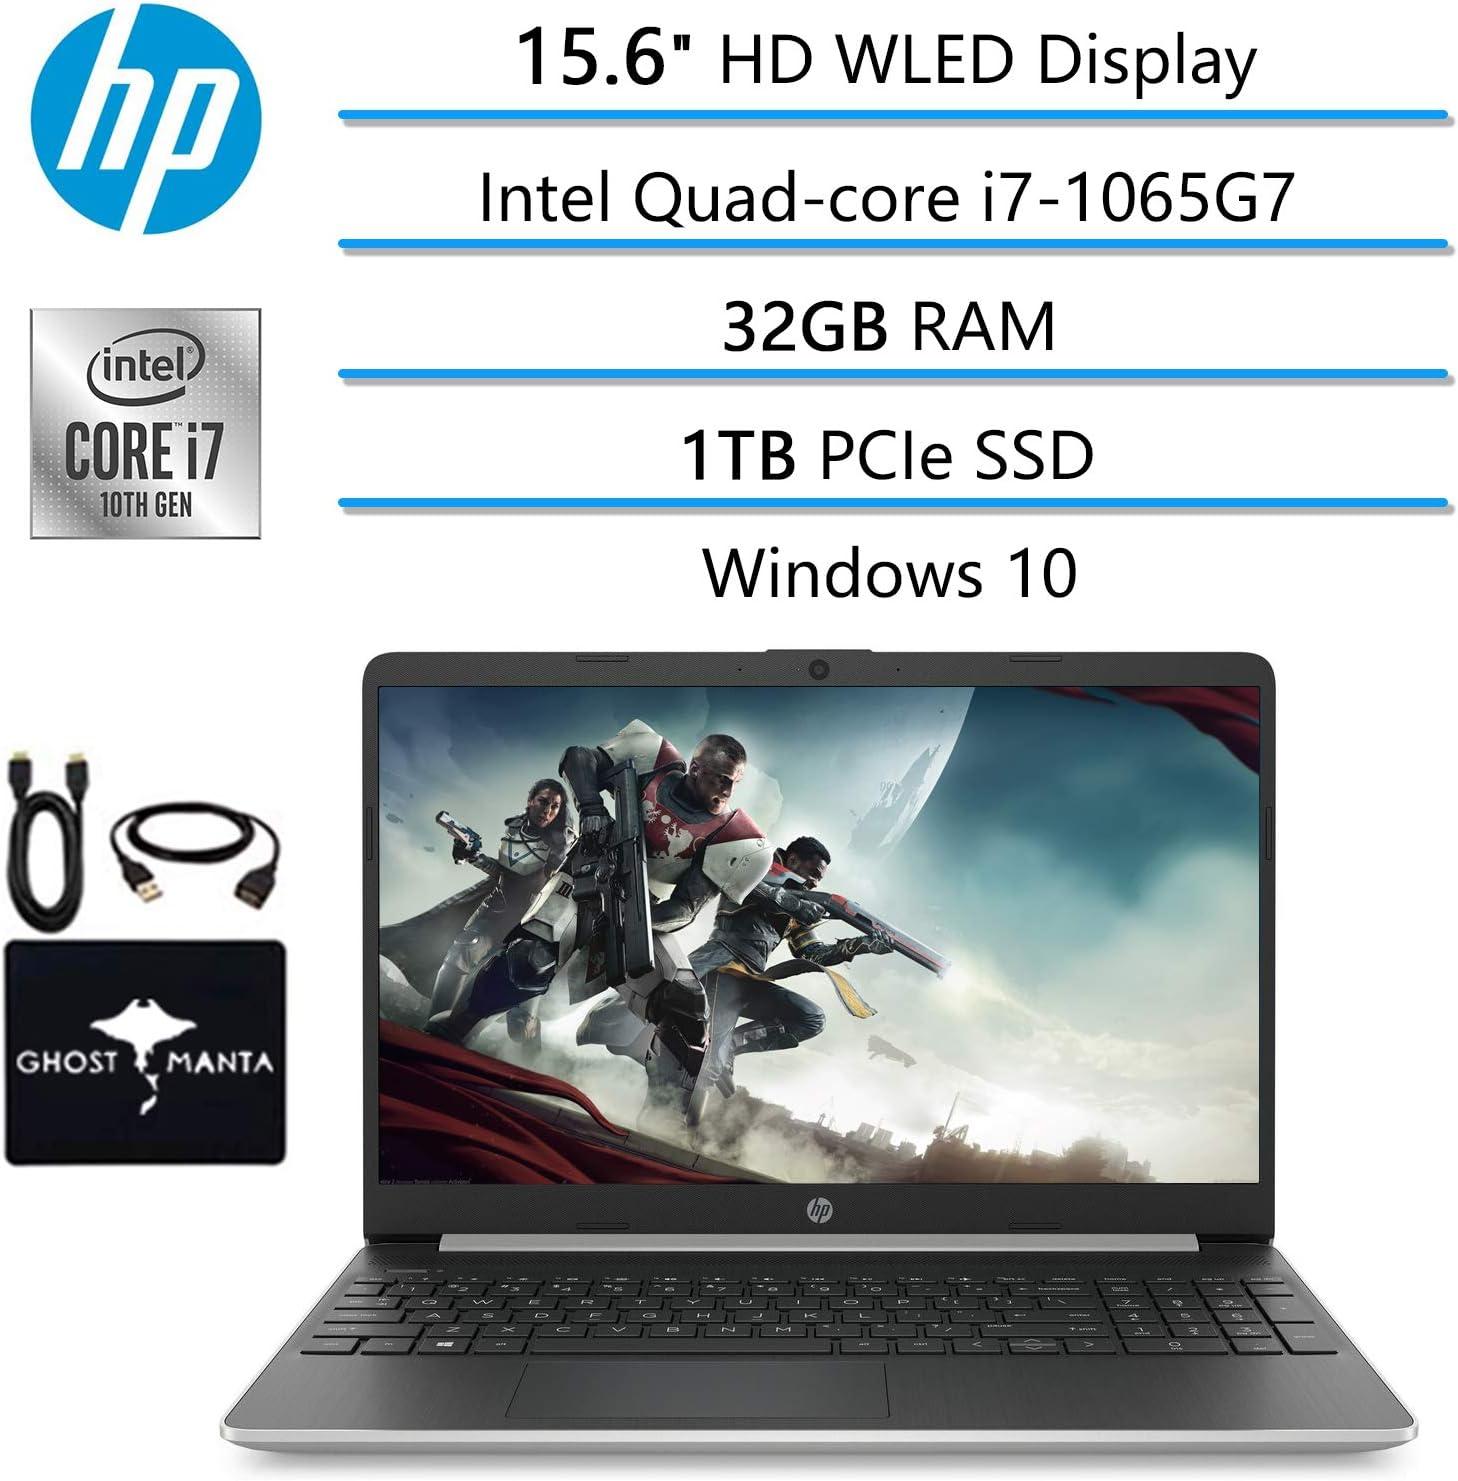 """2020 Newest HP Laptop 15.6"""" HD WLED Computer, Intel Quad-core i7-1065G7(Beat i7-10510U), 32GB RAM, 1TB PCIe SSD, Intel Iris Plus Graphics, Webcam, USB Type-A&C, HDMI, WiFi, Win10, w/GM Accessories"""